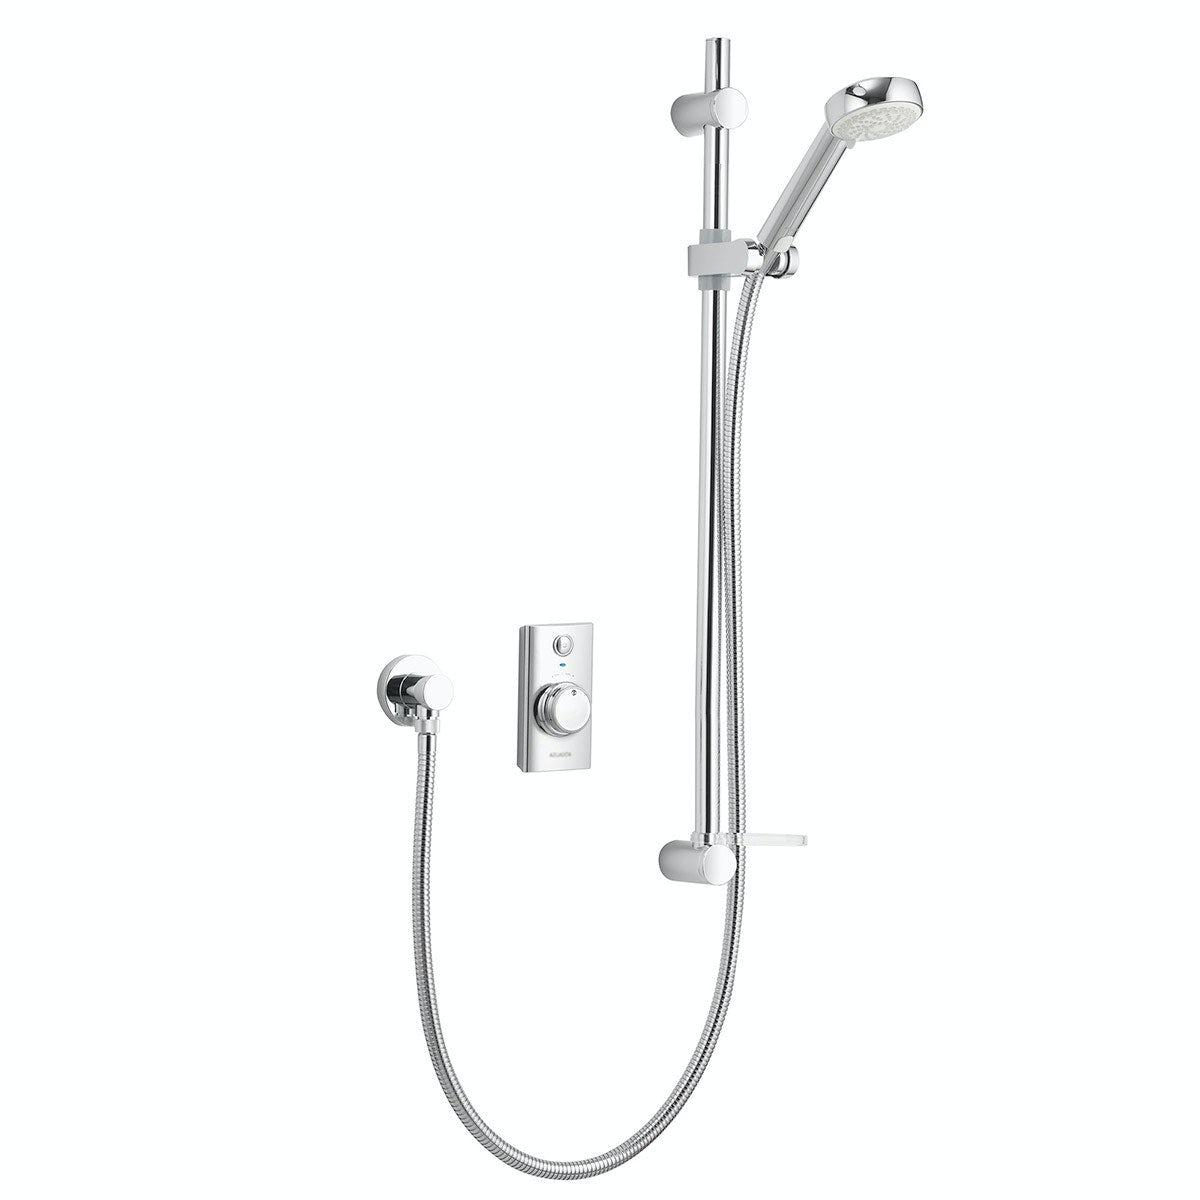 Aqualisa visage concealed digital shower standard - Sold by Victoria Plum